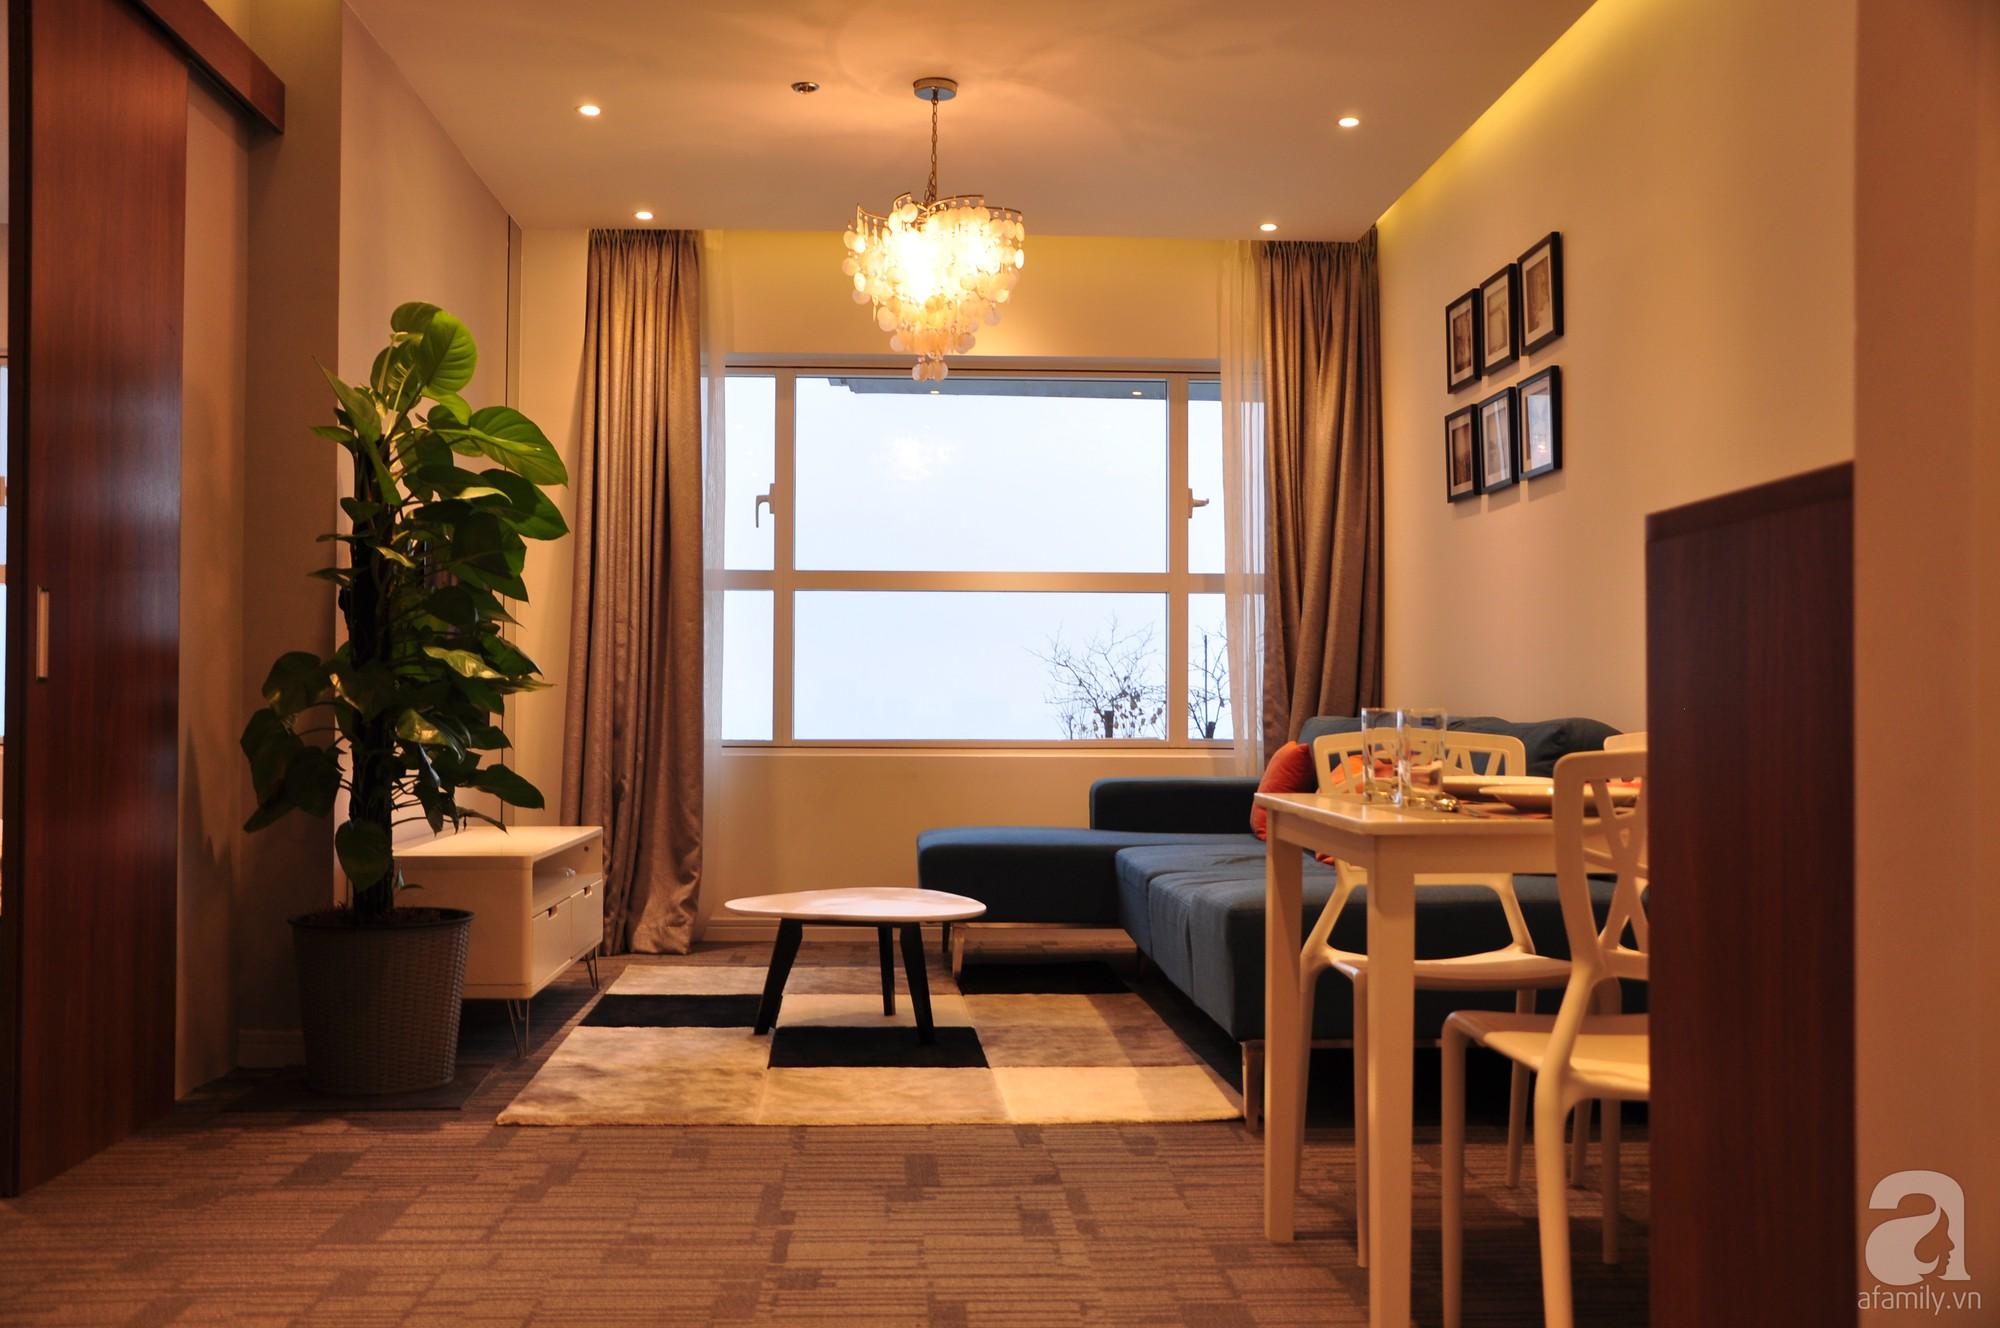 Căn hộ nhỏ 55m² ở quận 7, Sài Gòn nổi bật phong cách tận hưởng cuộc sống do anh chàng độc thân tự tay bố trí nội thất - Ảnh 7.